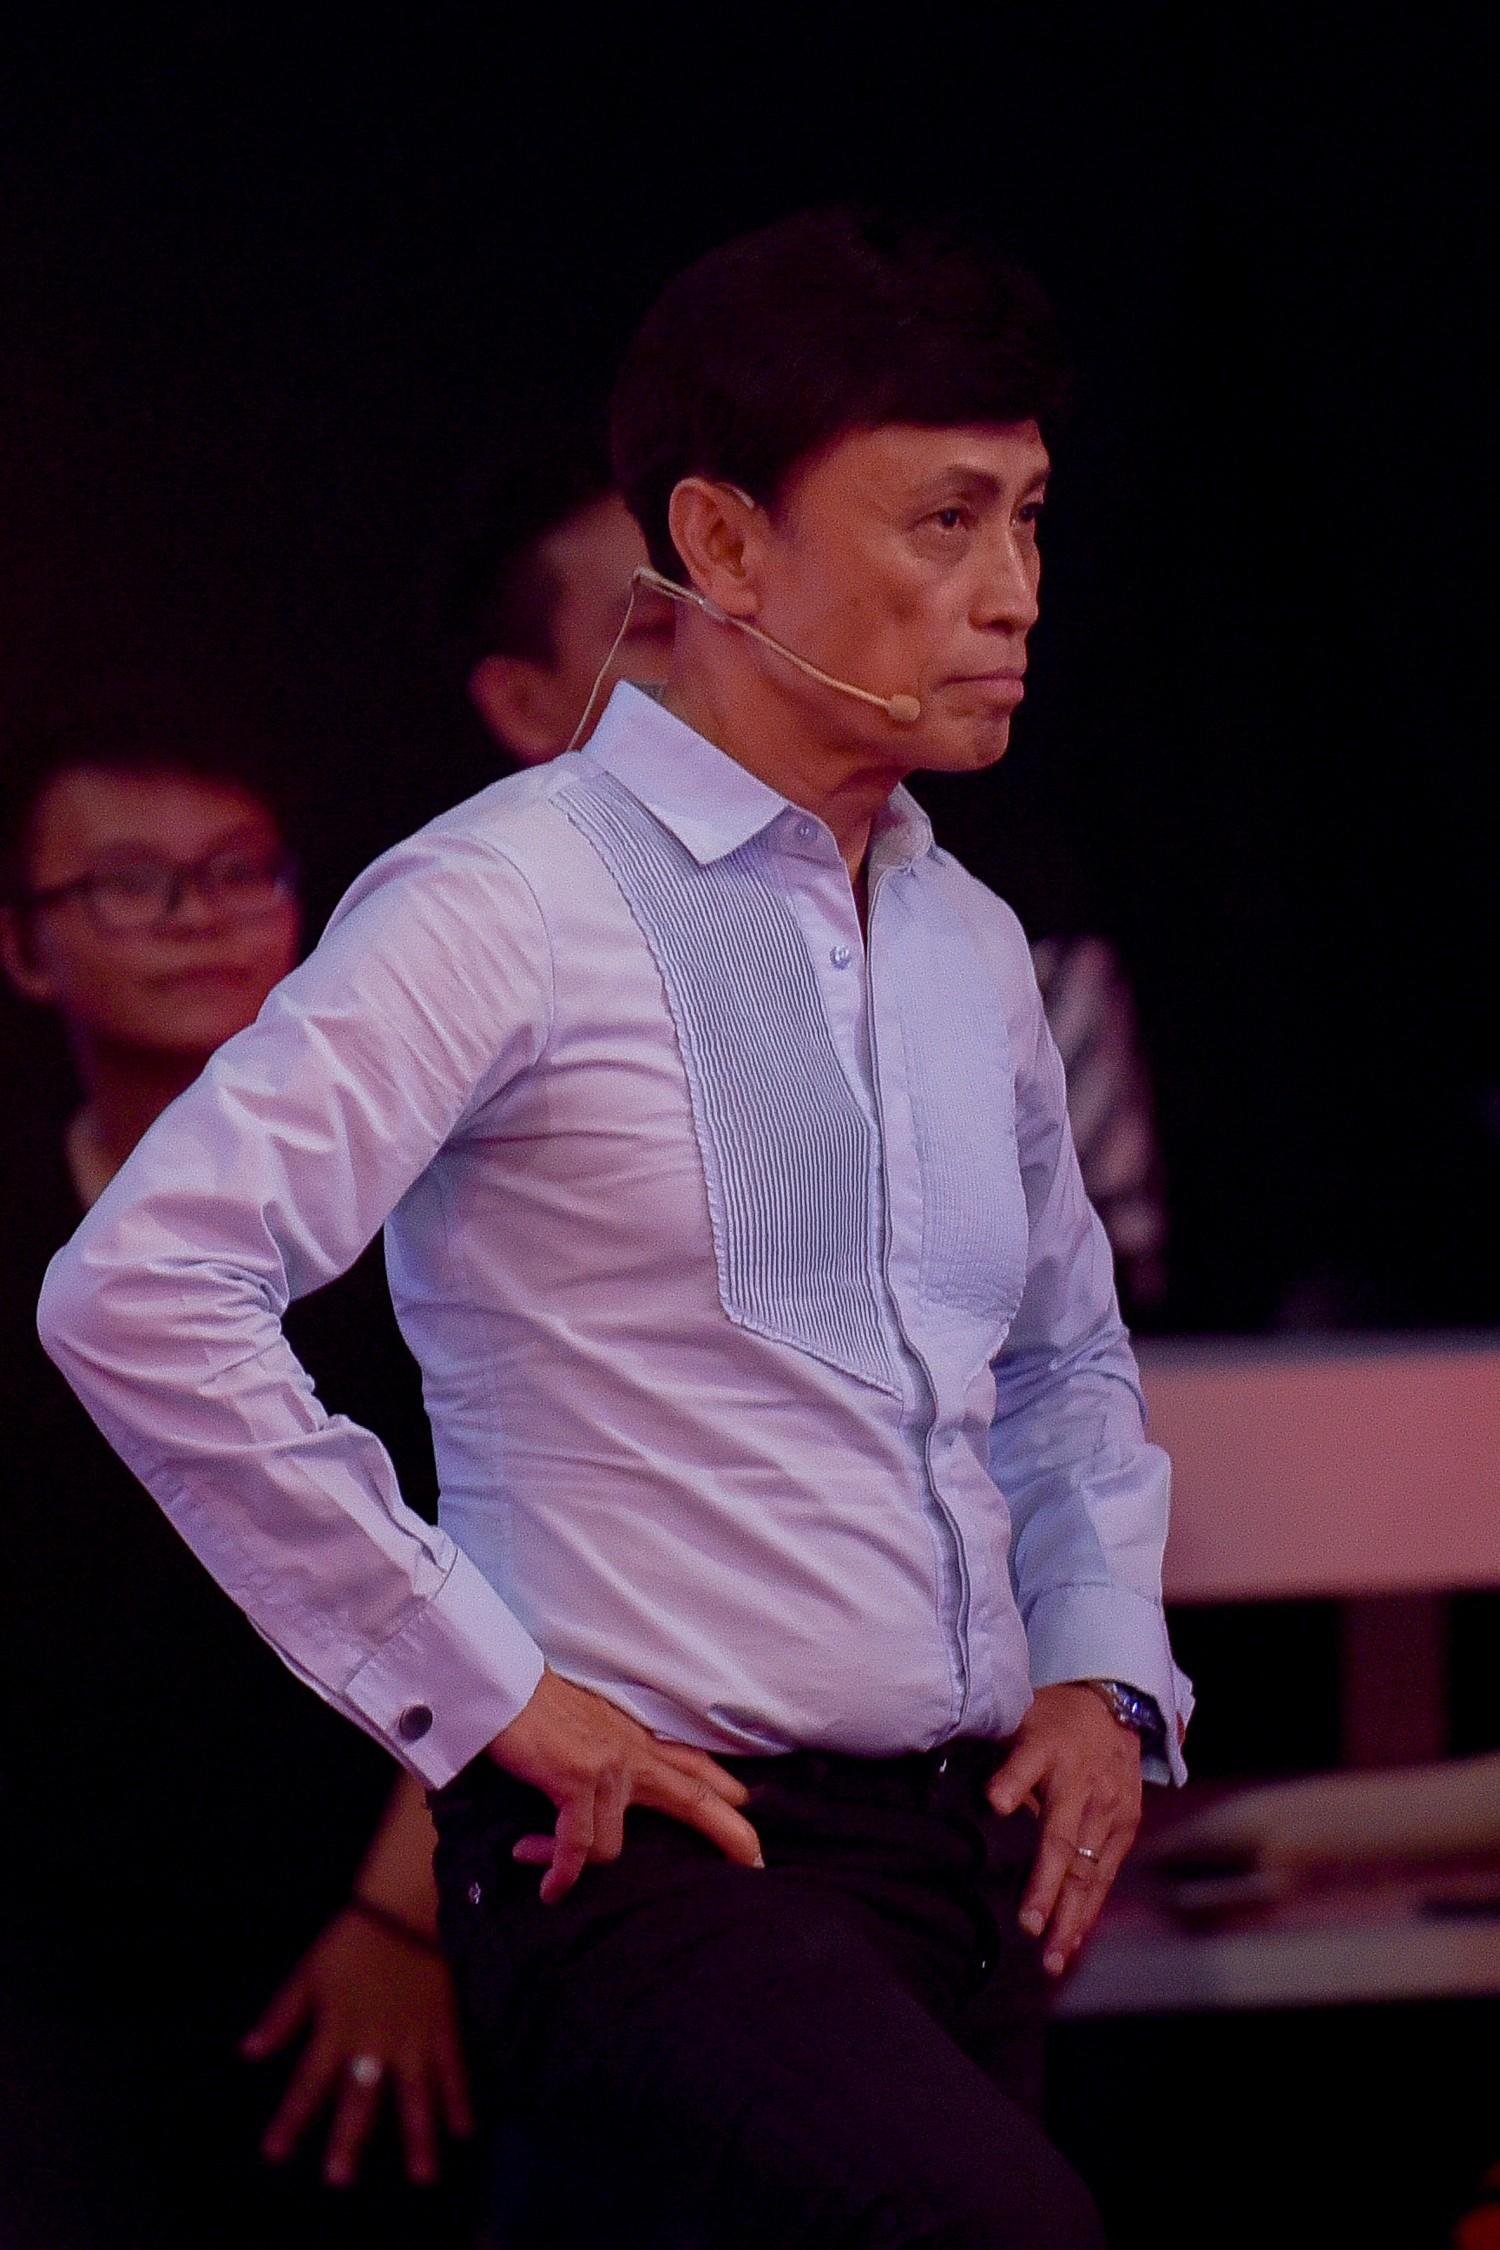 Học trò bị loại trước Thanh Hà, Tuấn Hưng - Tuấn Ngọc tức đến mức cùng bỏ thế nóng The Voice-11